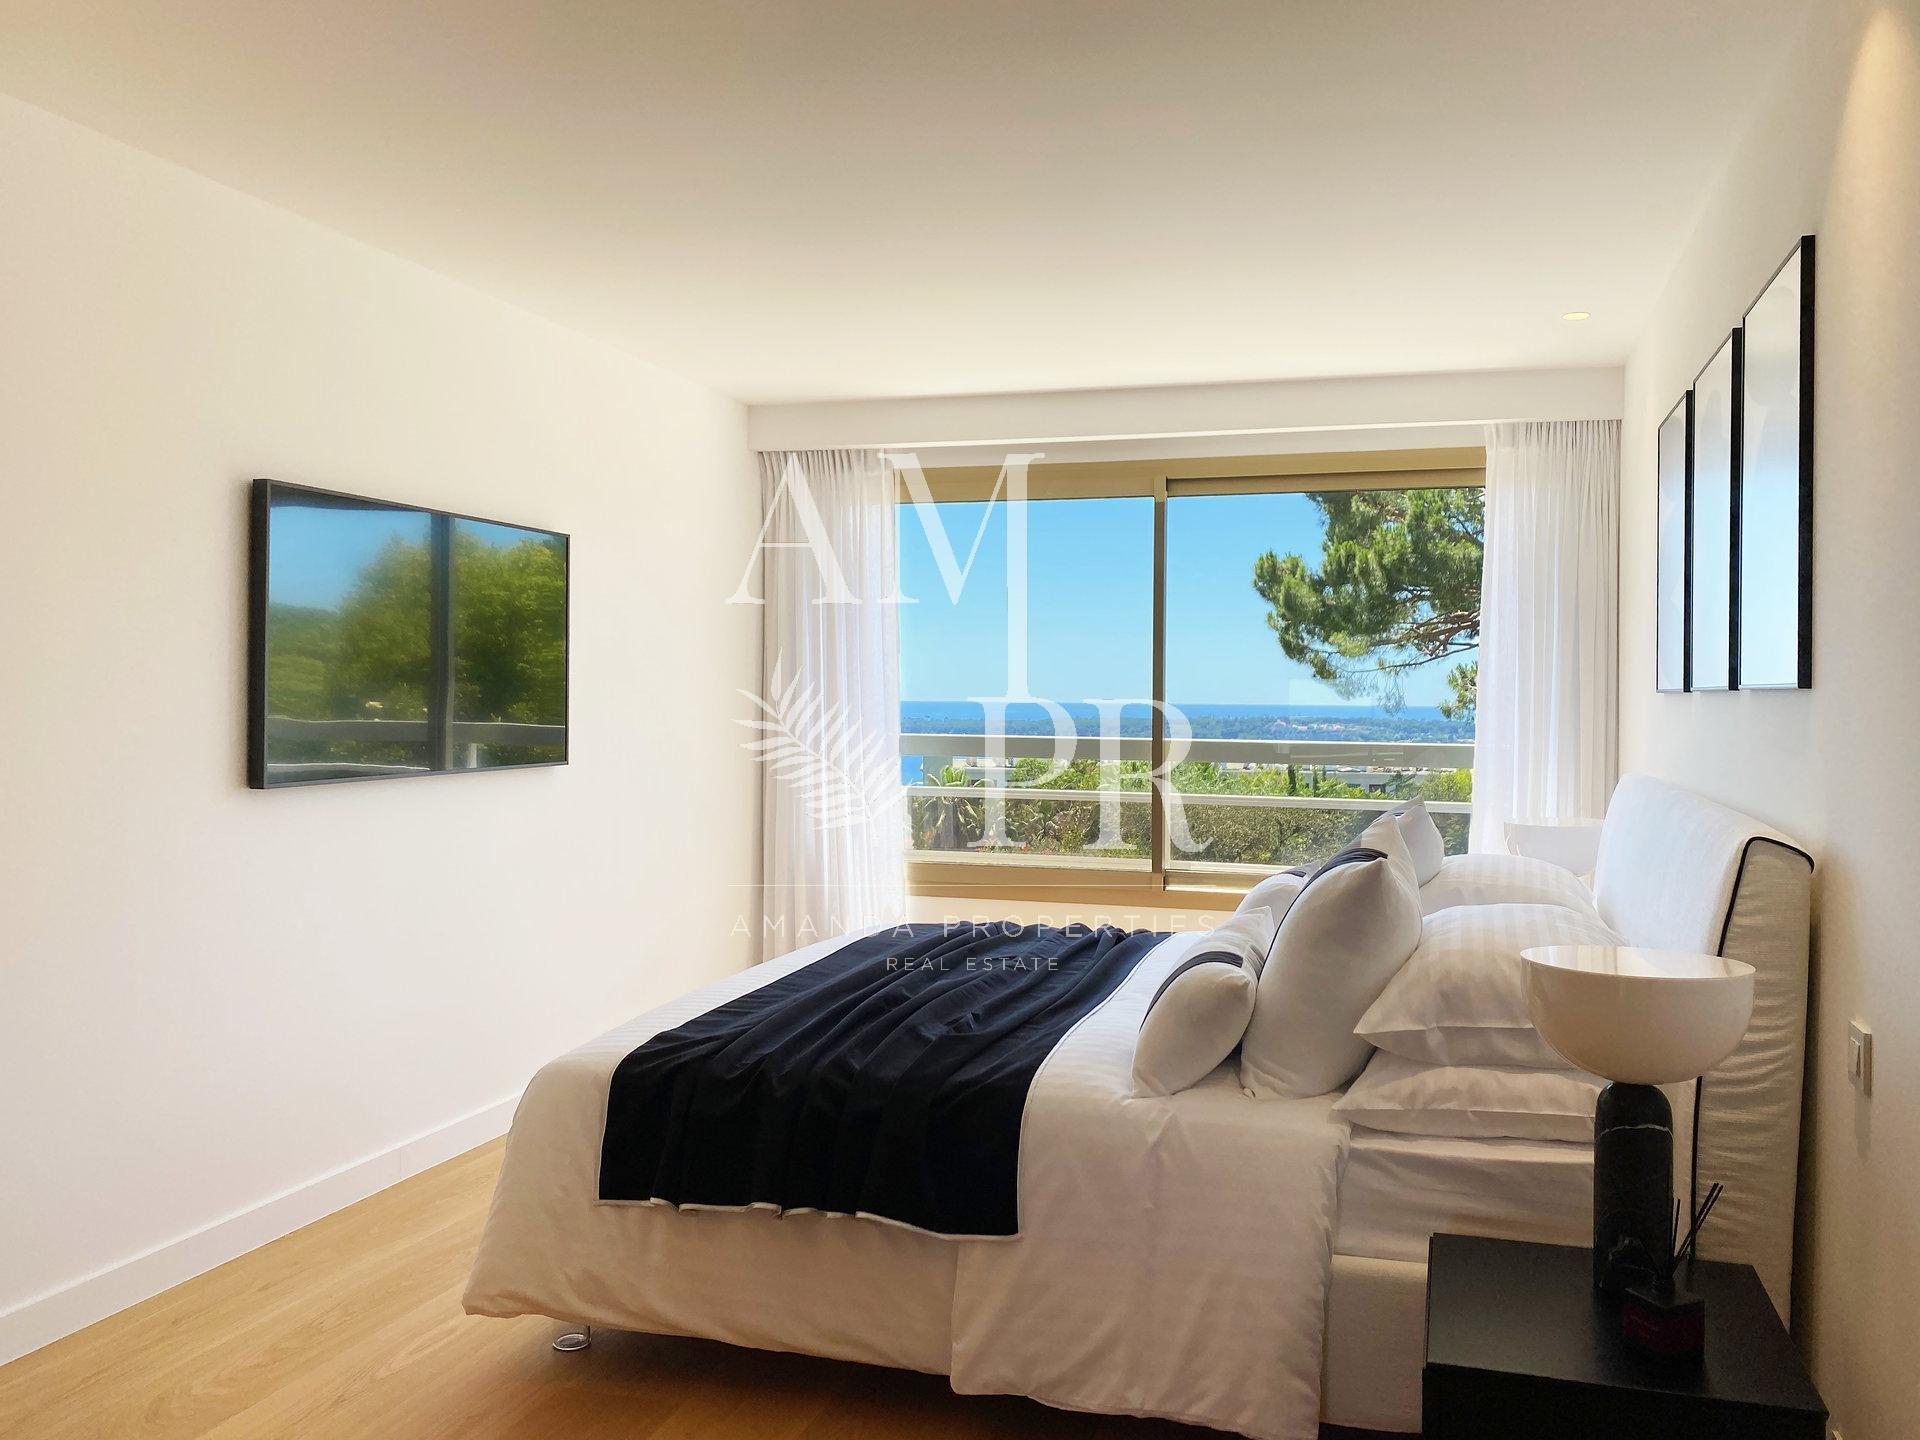 Appartement villa d'exception au coeur de la Californie